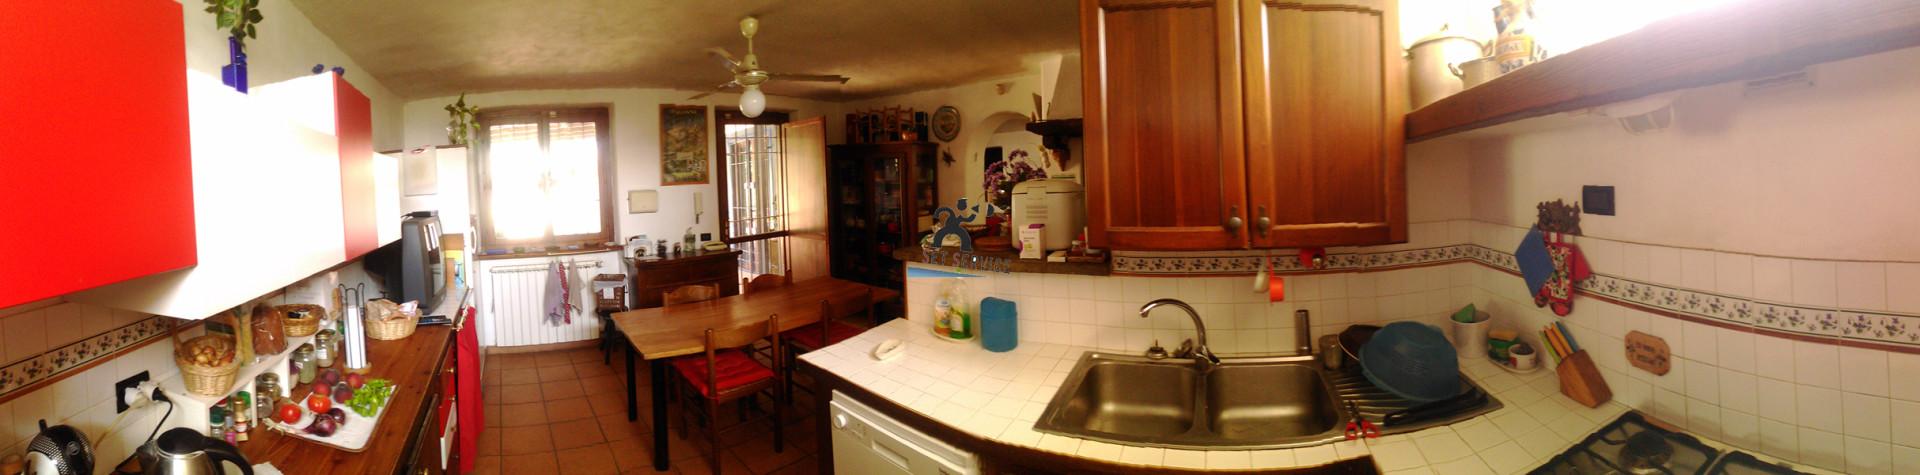 cucina panoramica 01